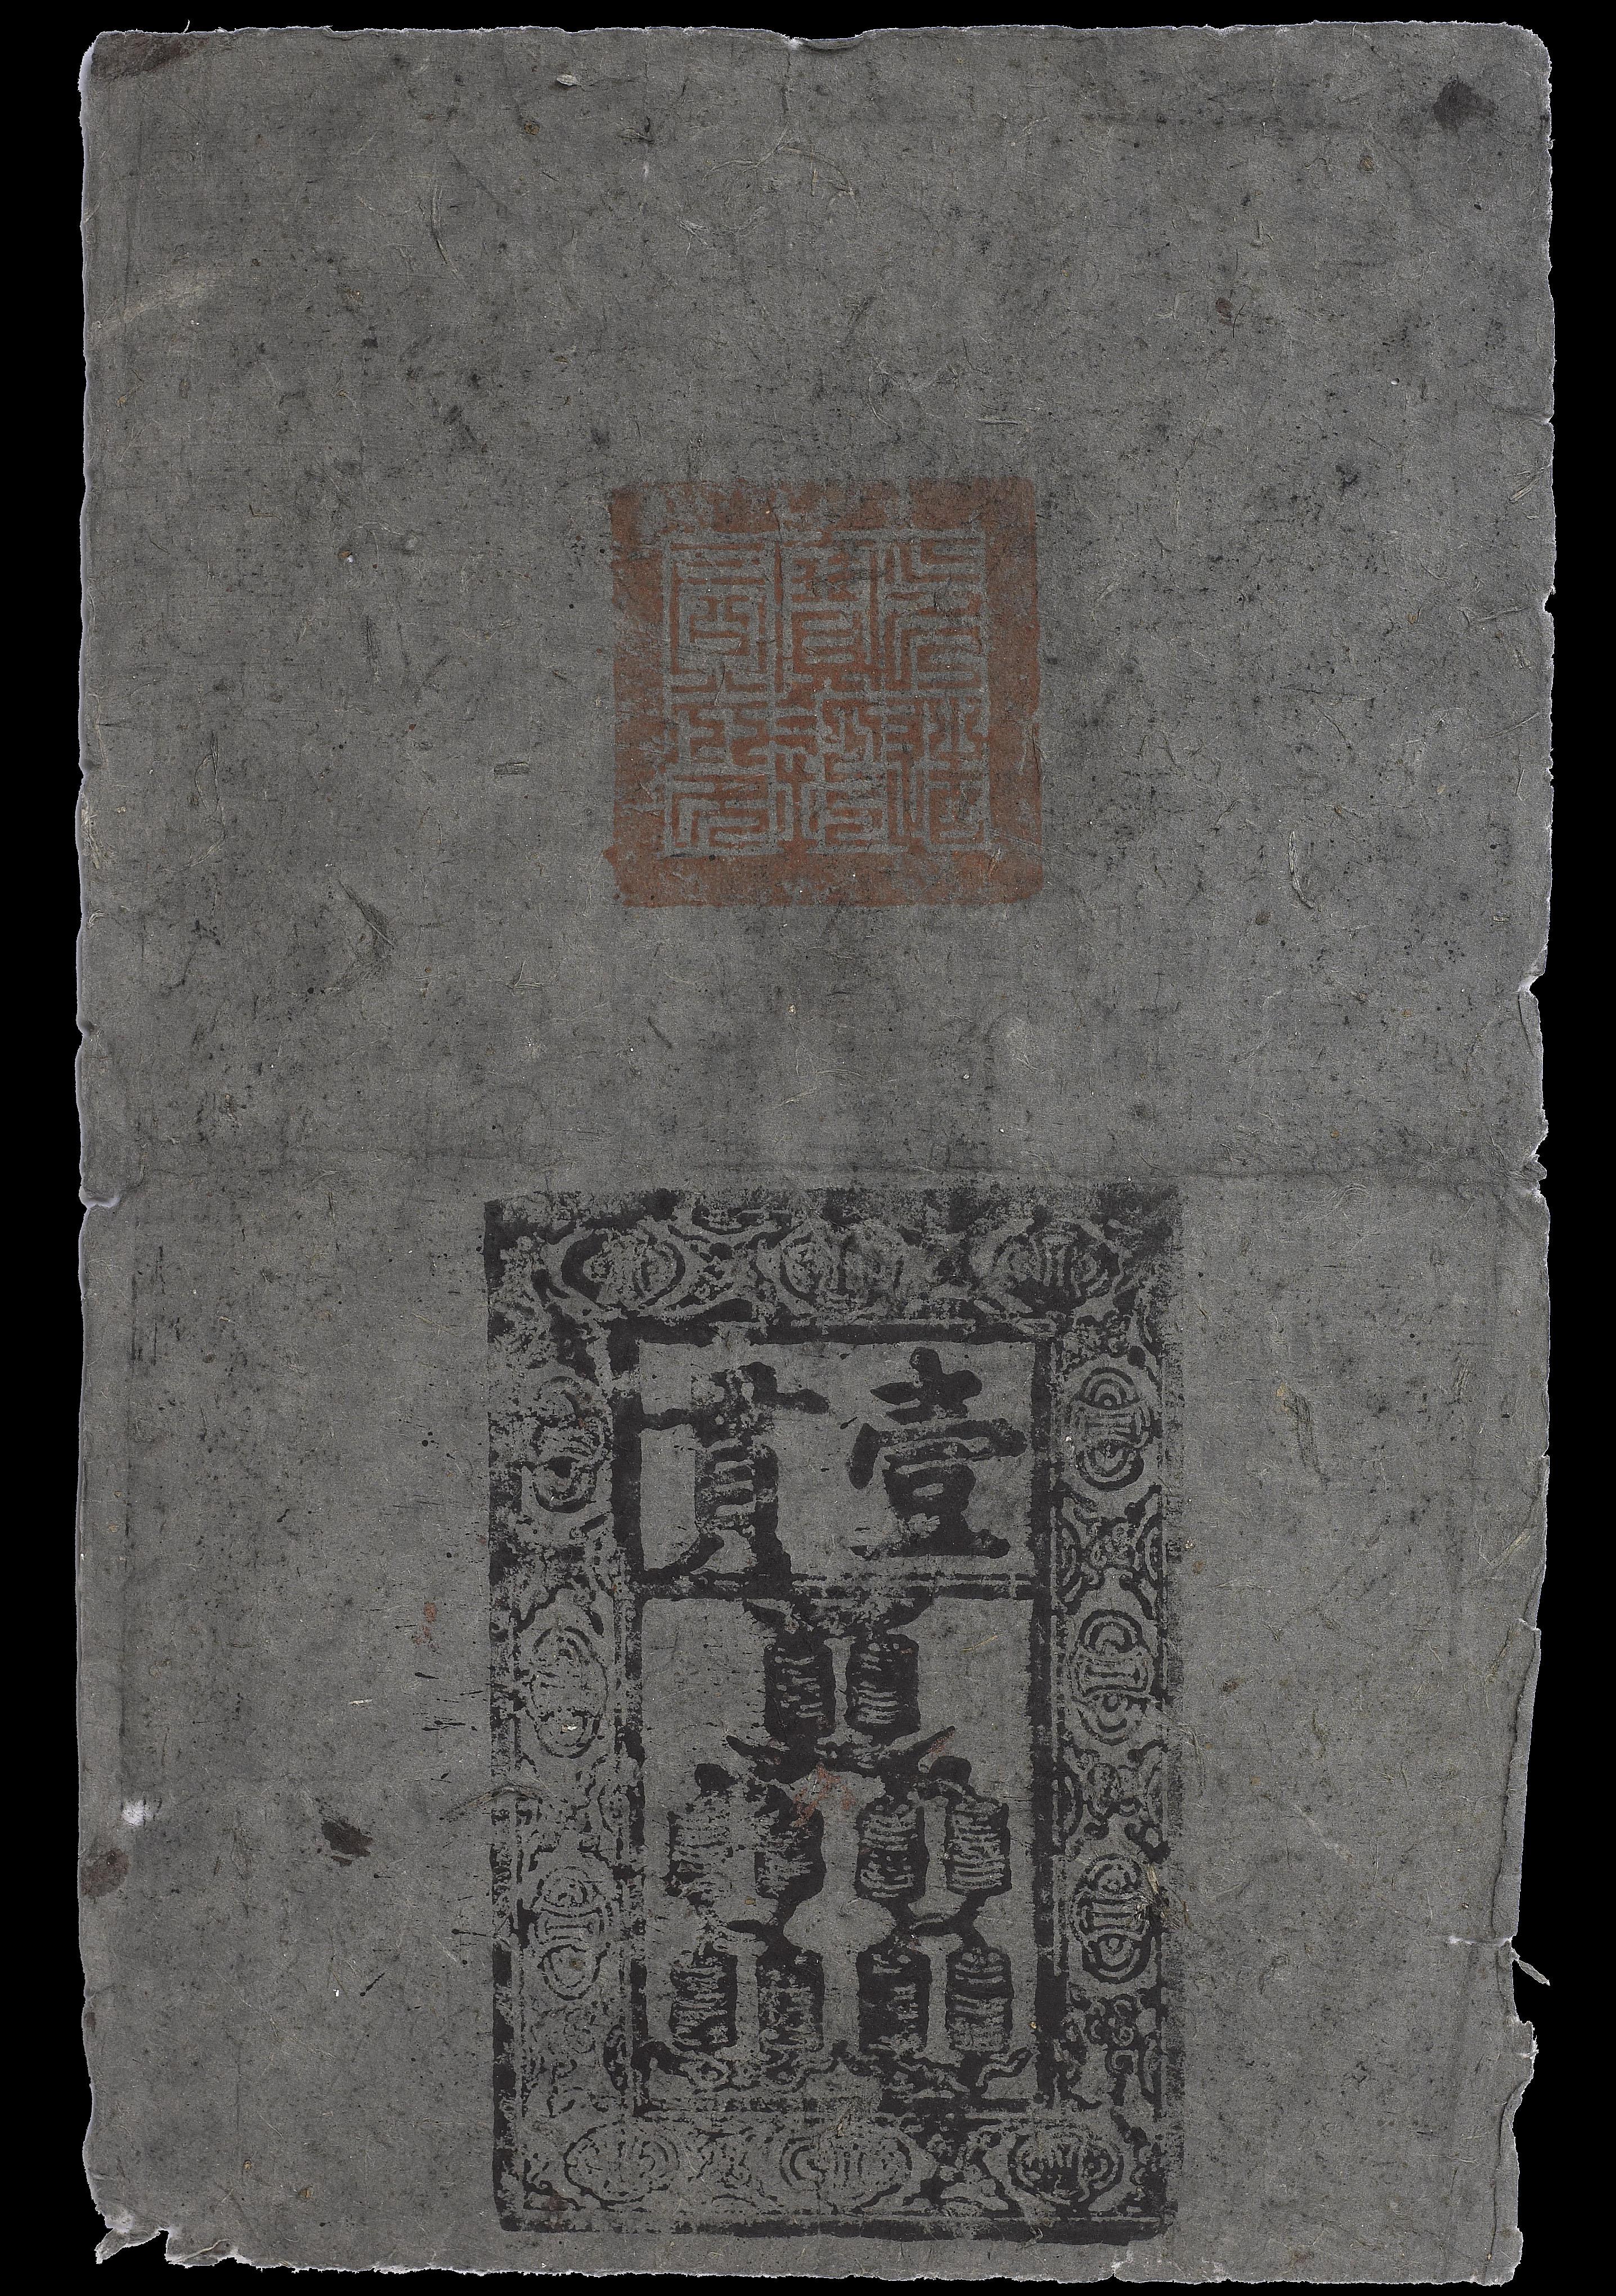 Chine, Ming, de 1368 à 1644, 1 kwan, 1000 pièces de monnaie : 1398